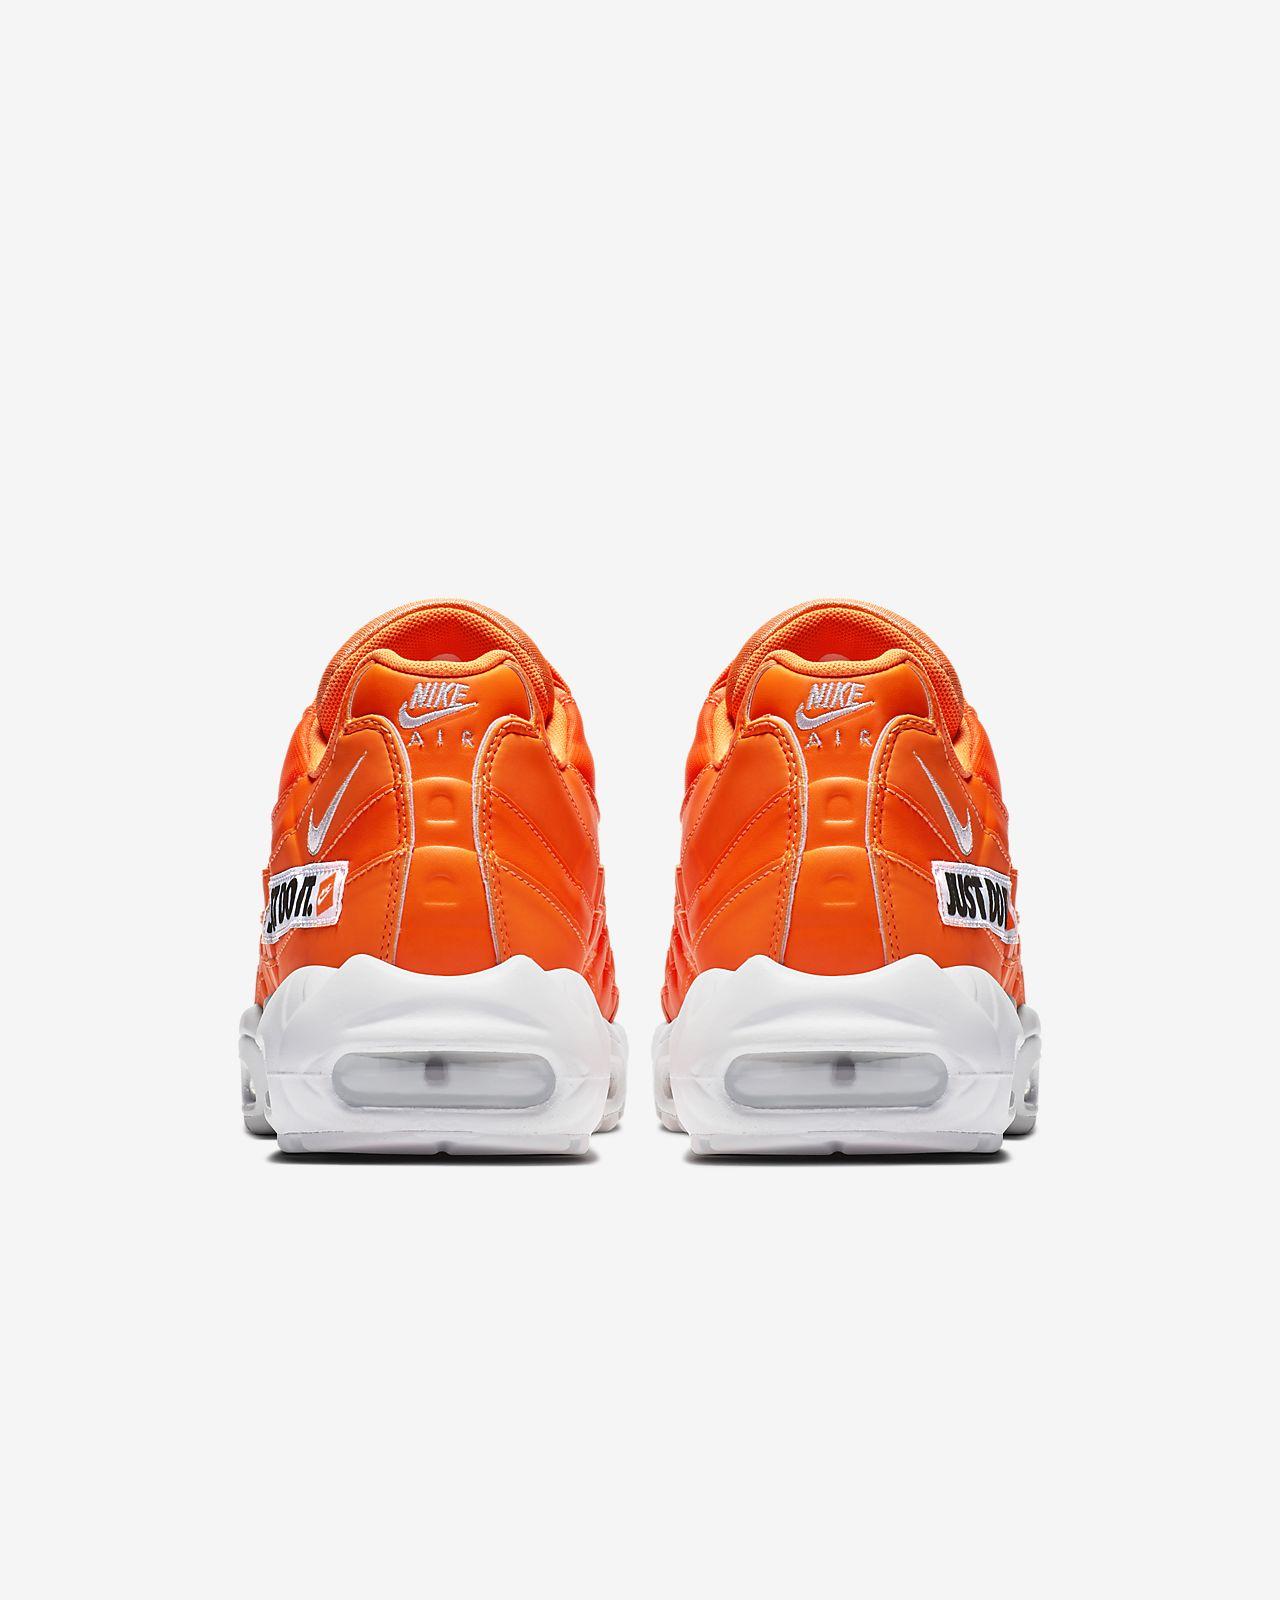 scarpa nike air max 95 se total orangenerobianco av6246 800